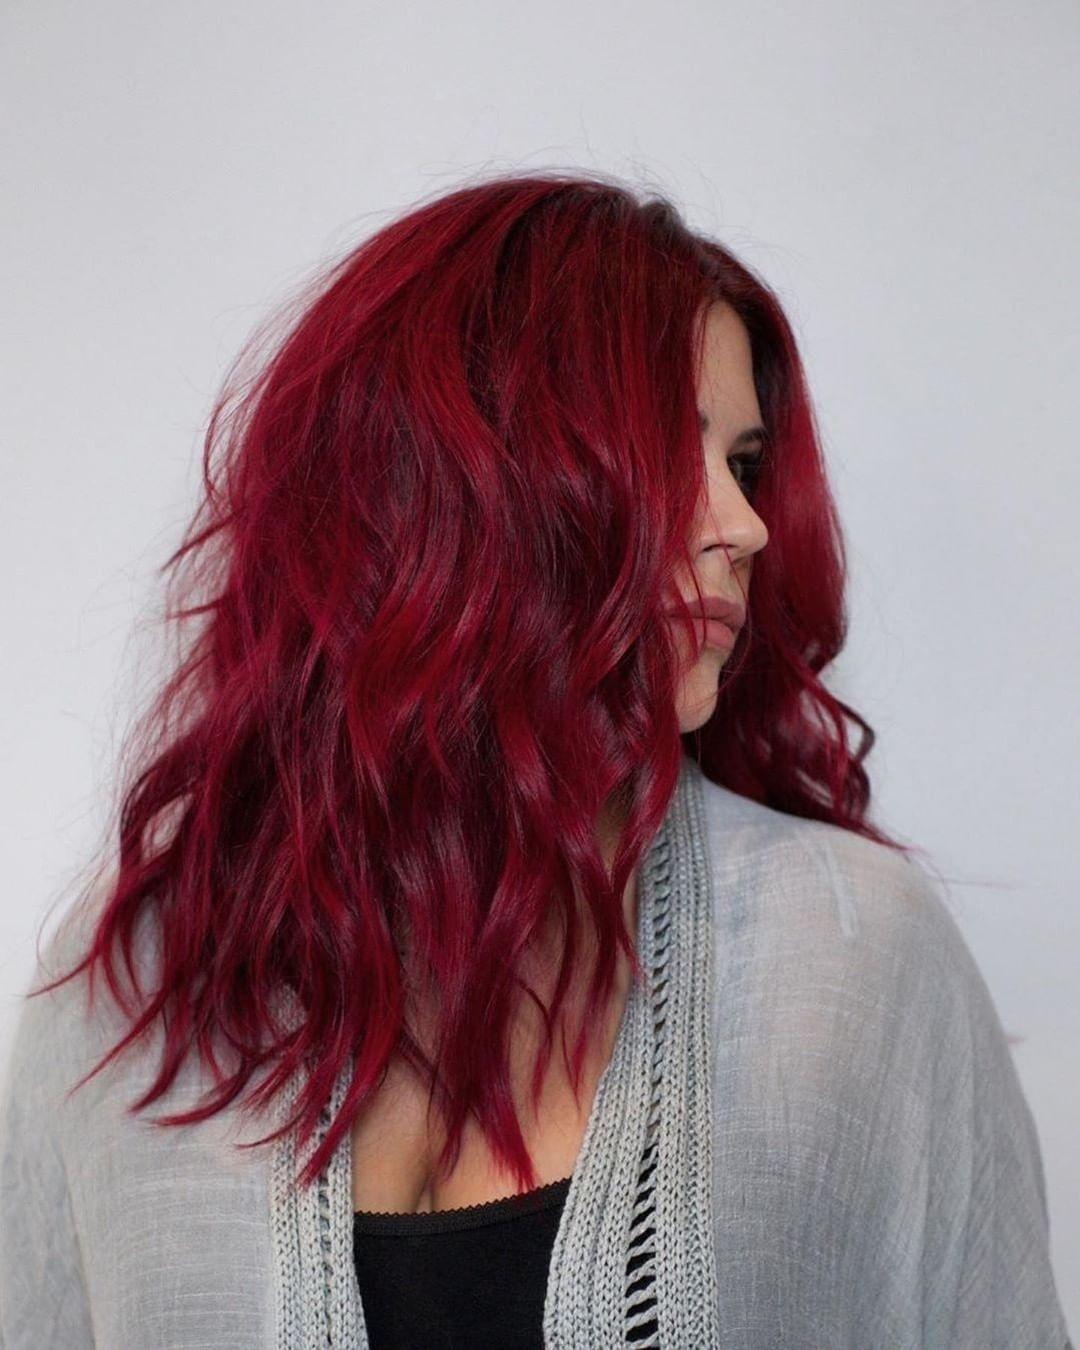 Red Velvet Livedinhair Hairgoals Hairdressermagic Salonlife Hairtrends Hairdresser Hair In 2020 Hair Styles Curls For Long Hair Long Hair Styles